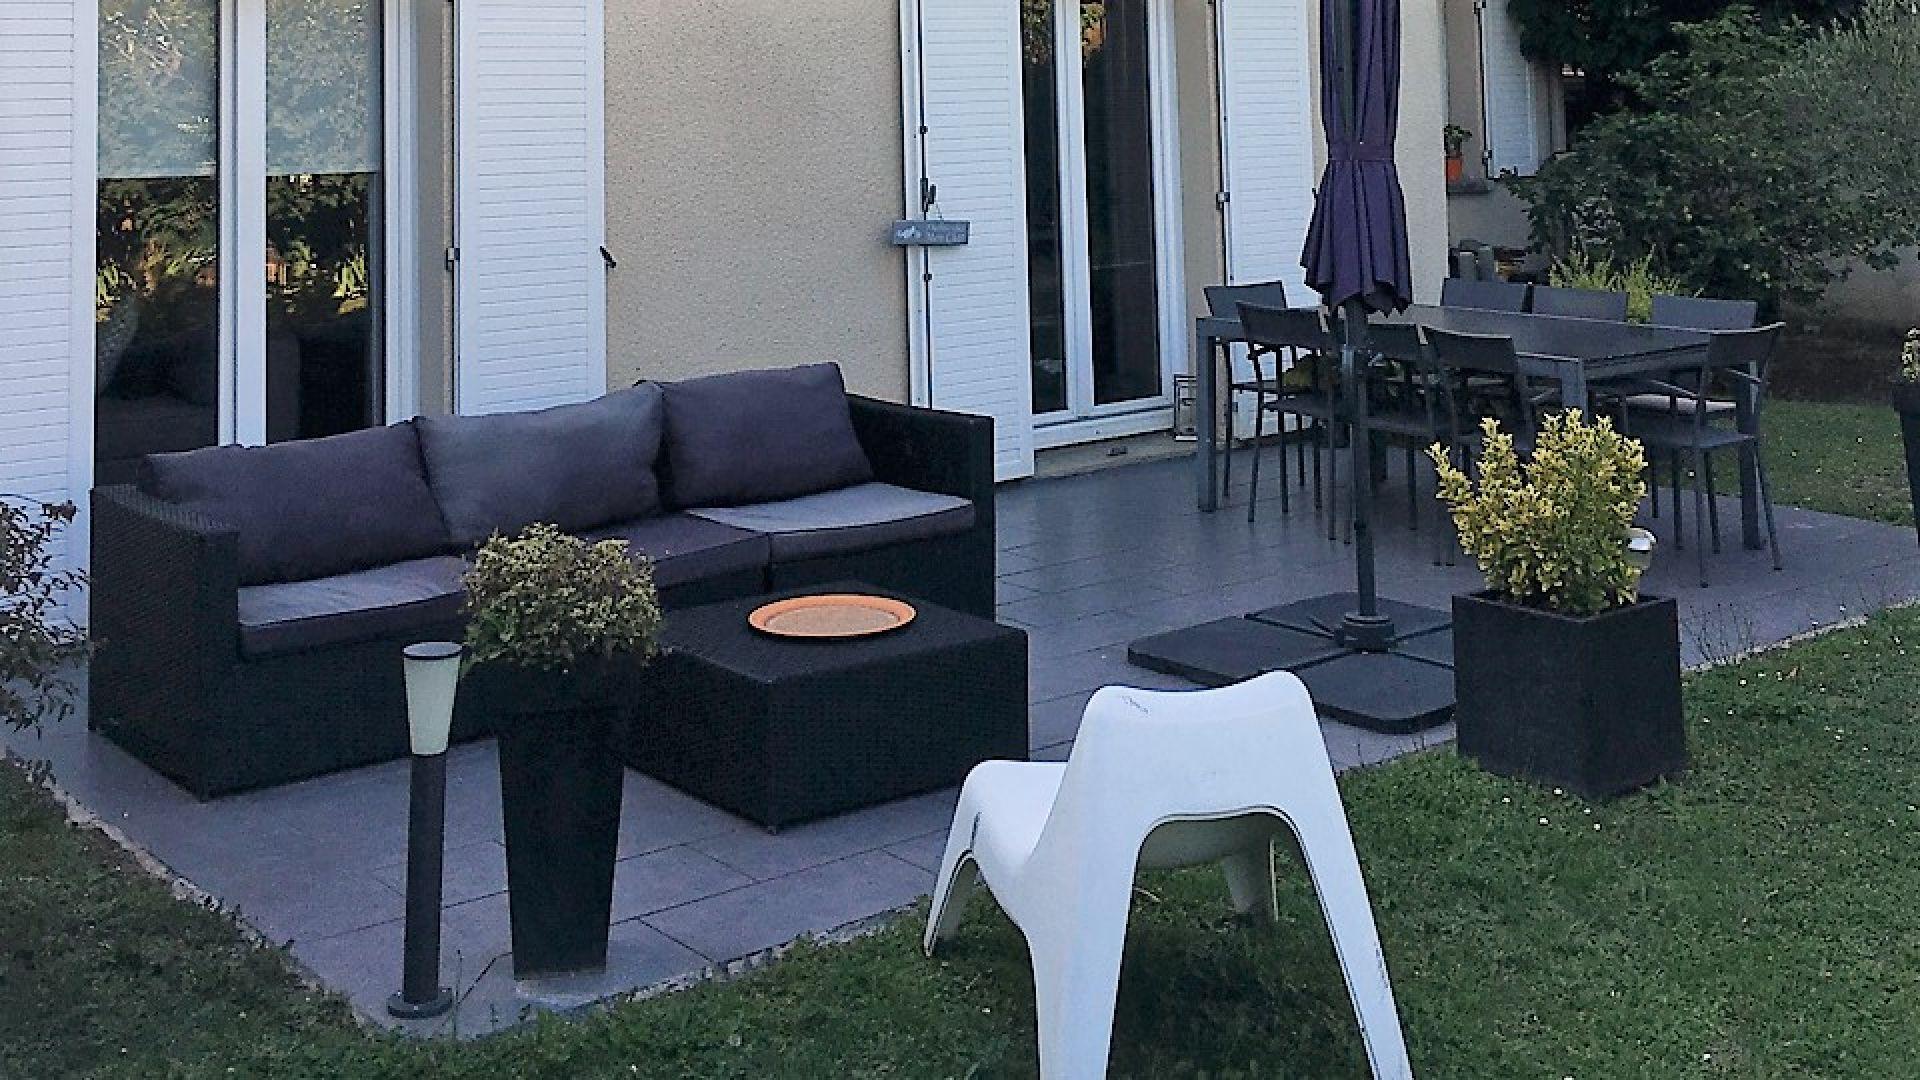 Réalisation d'une terrasse extérieure de 25 mètres carrés